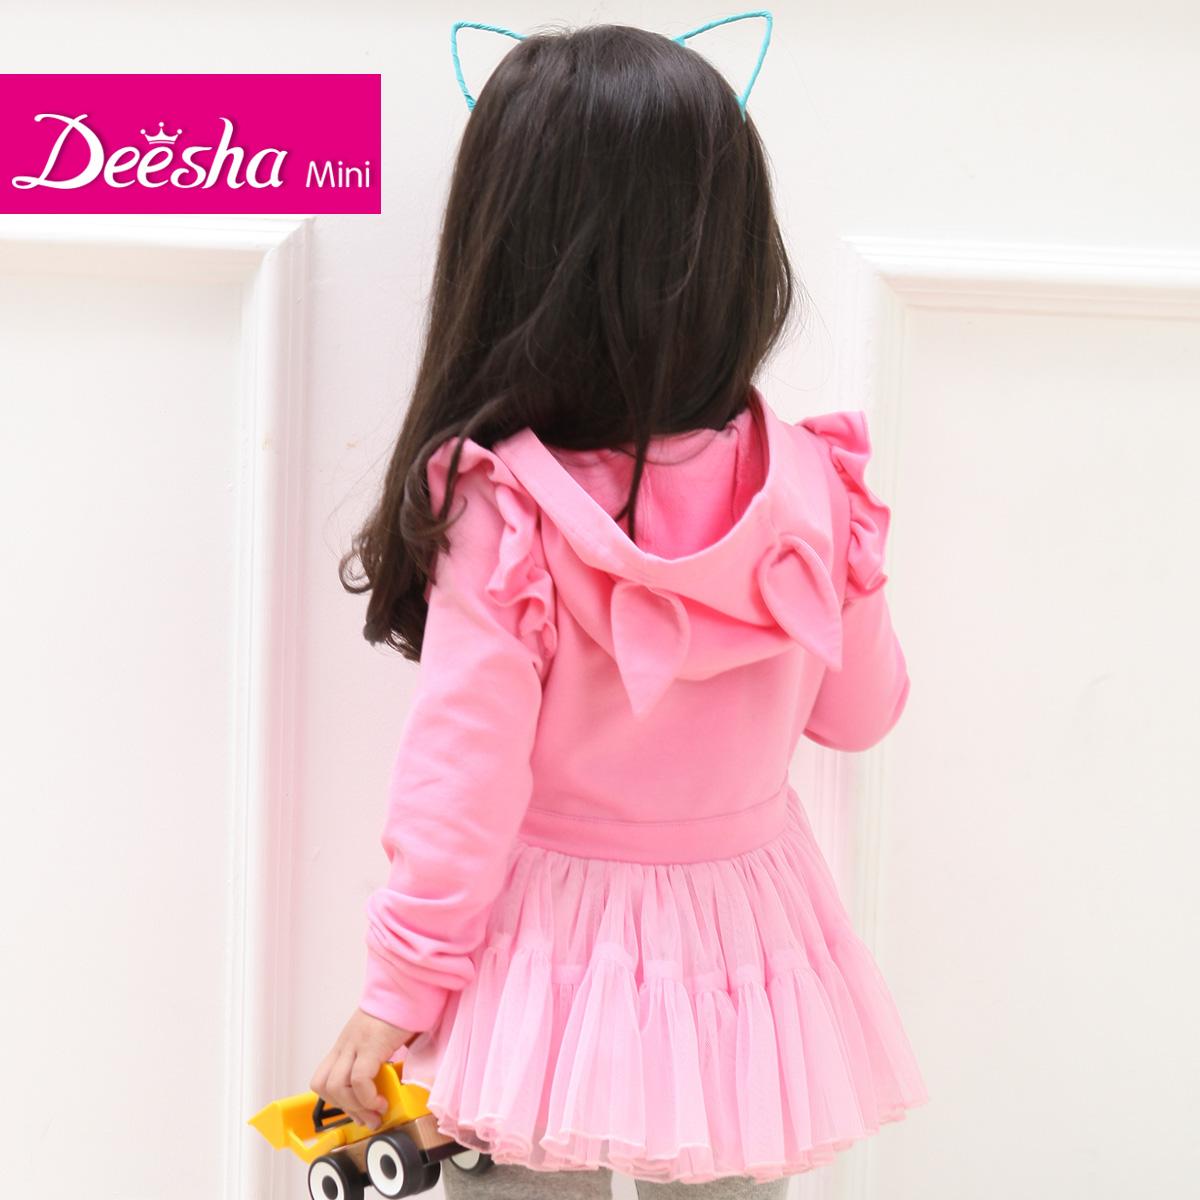 Толстовка детская Флейта Шекспира Детская одежда Весна дети длинный свитер deesha младенца ДИША Корейский куртки пальто 1422401